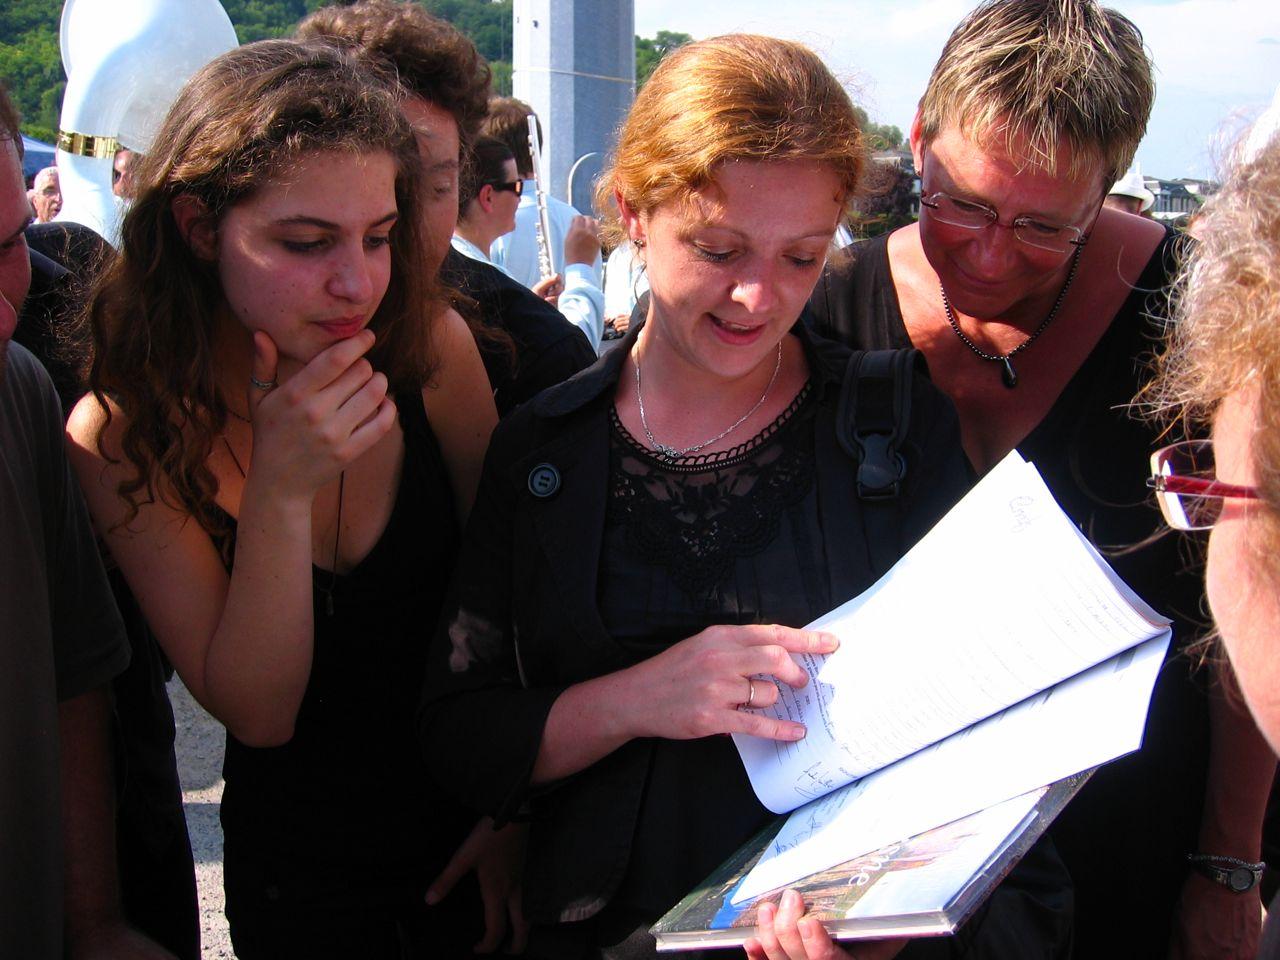 OHTG-concours-Laon-Juin2011-22